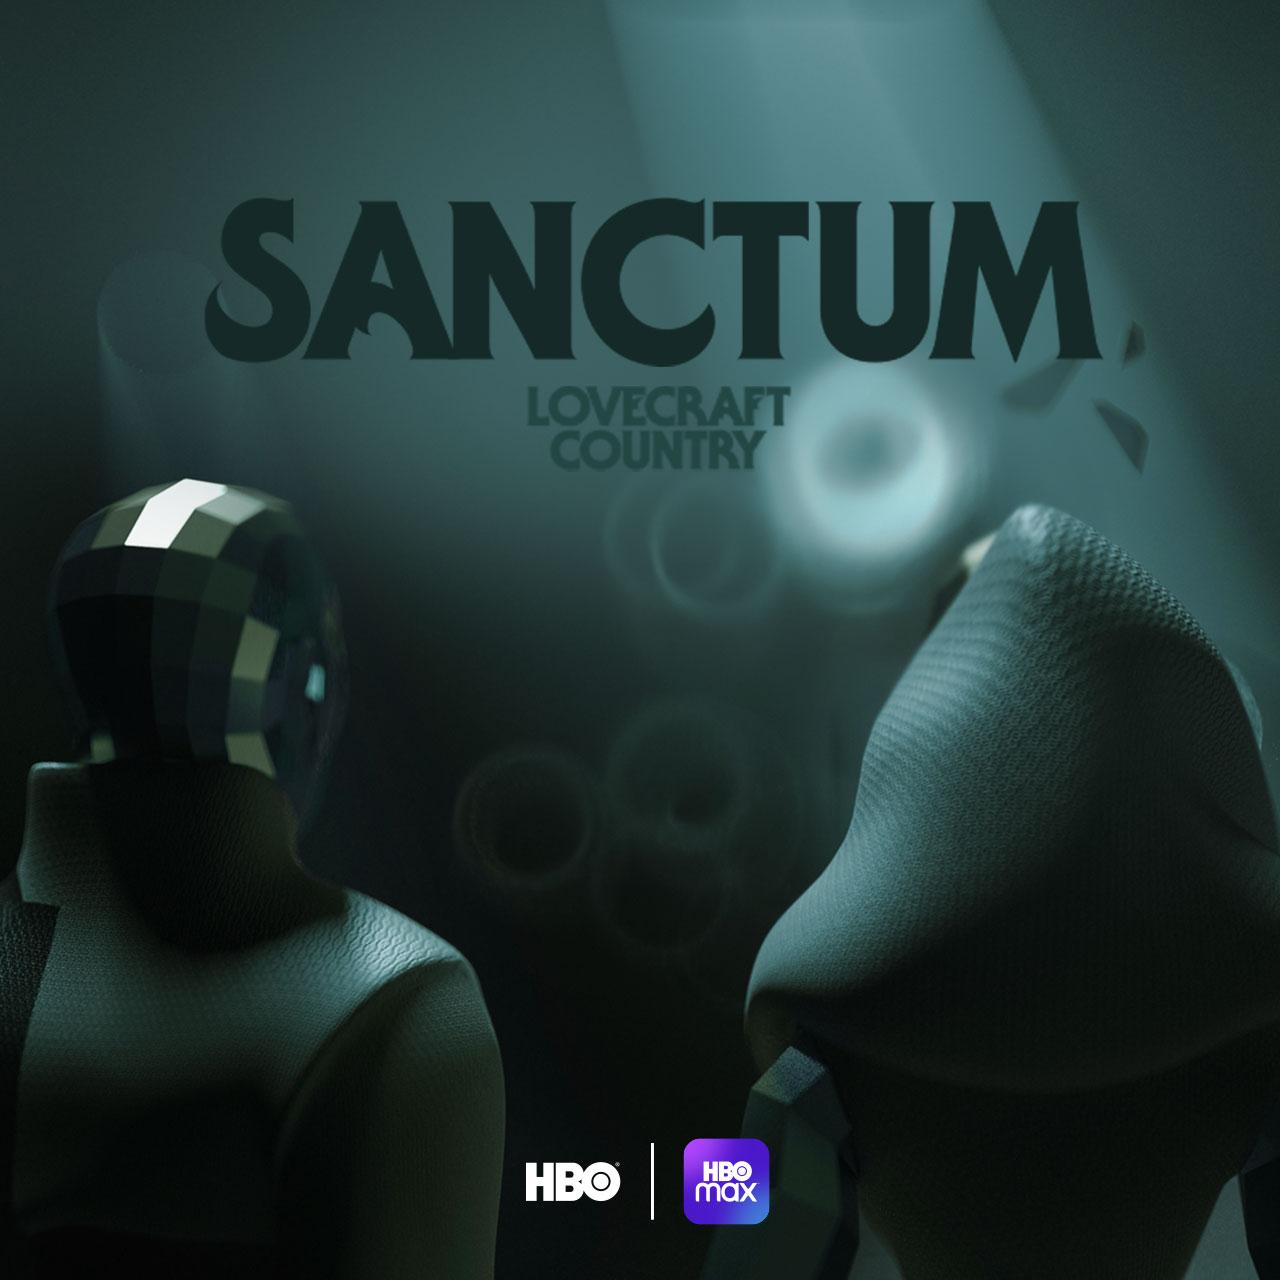 Lovecraft Country: Sanctum